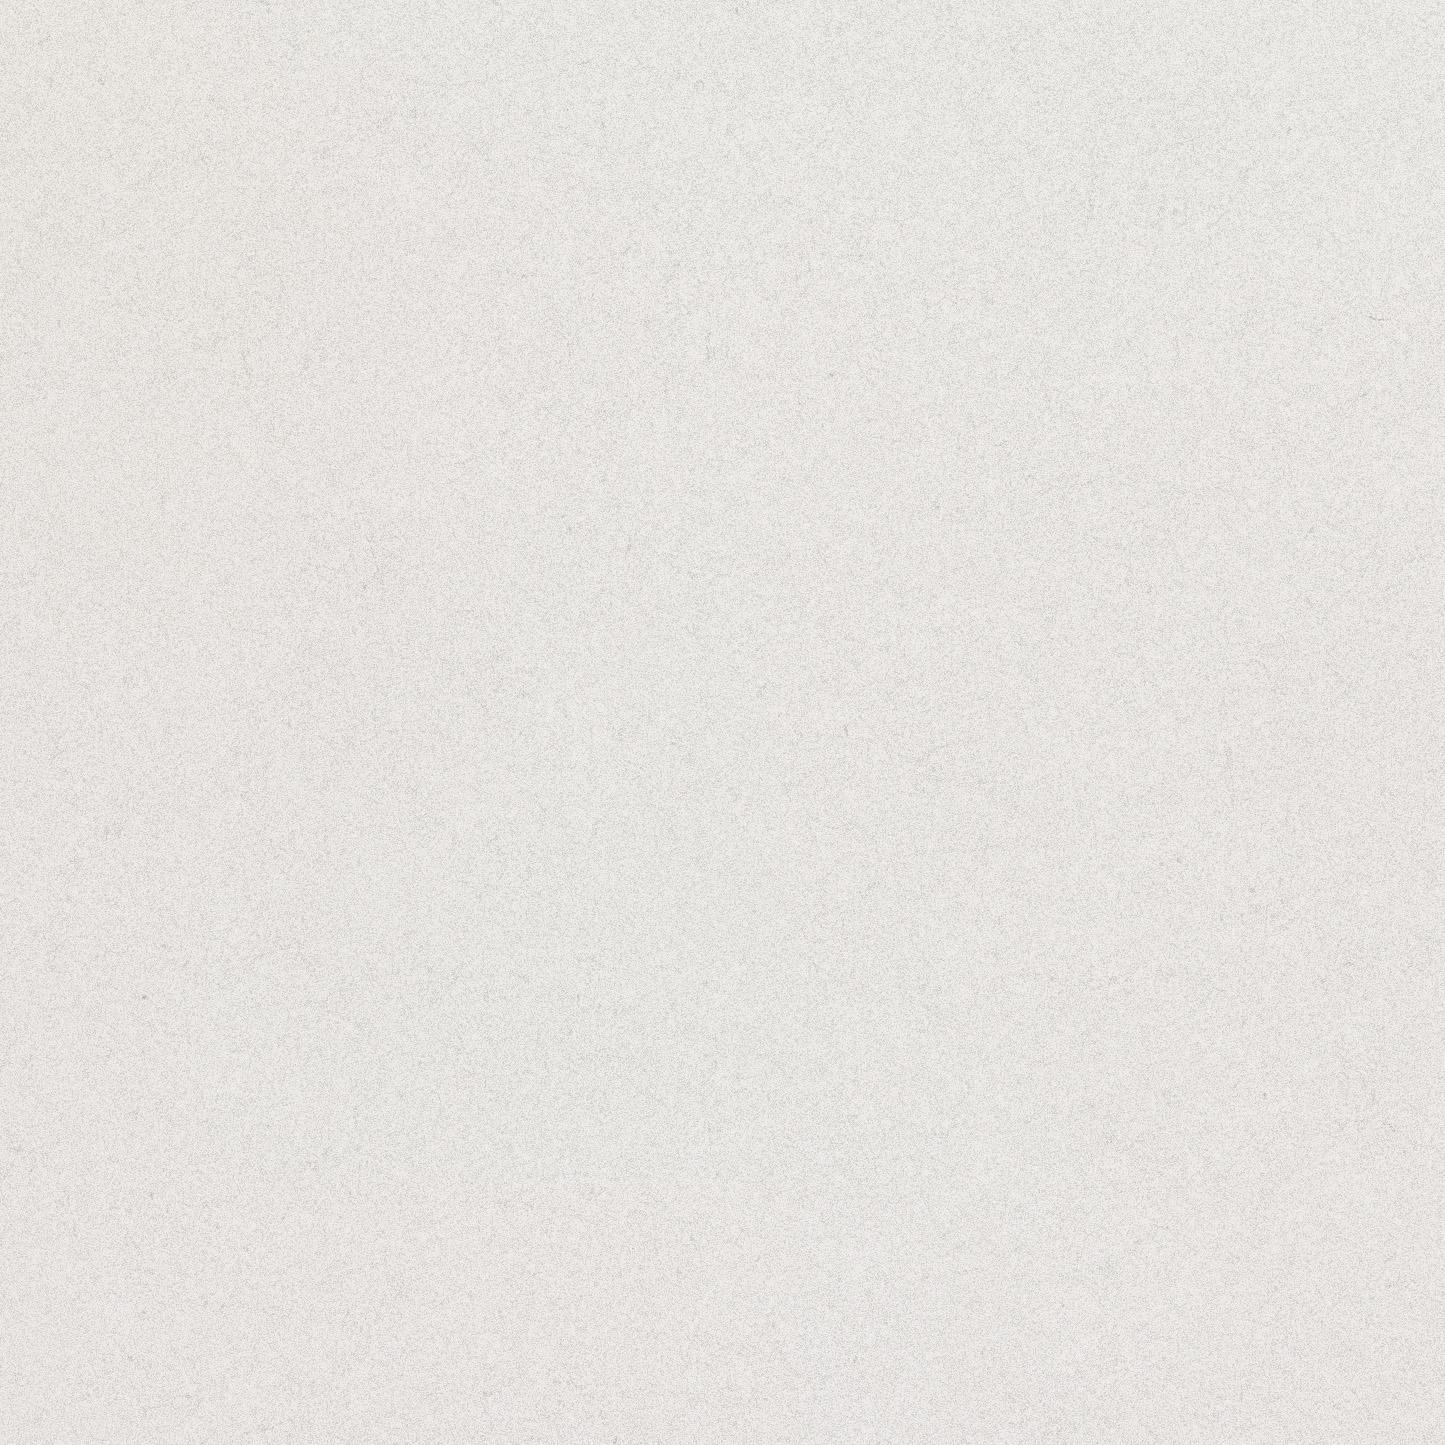 Translucent - Beige 100gsm